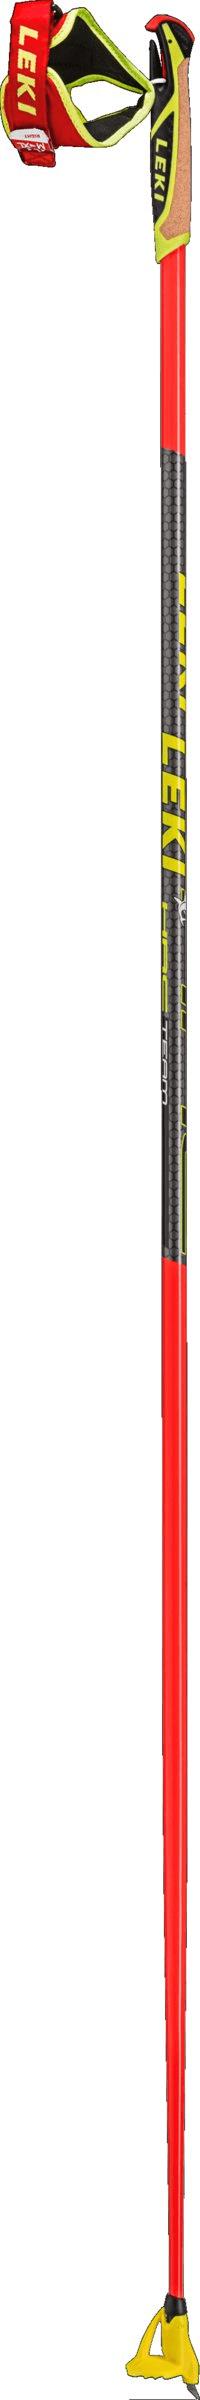 Leki HRC team Bâton de ski de fond